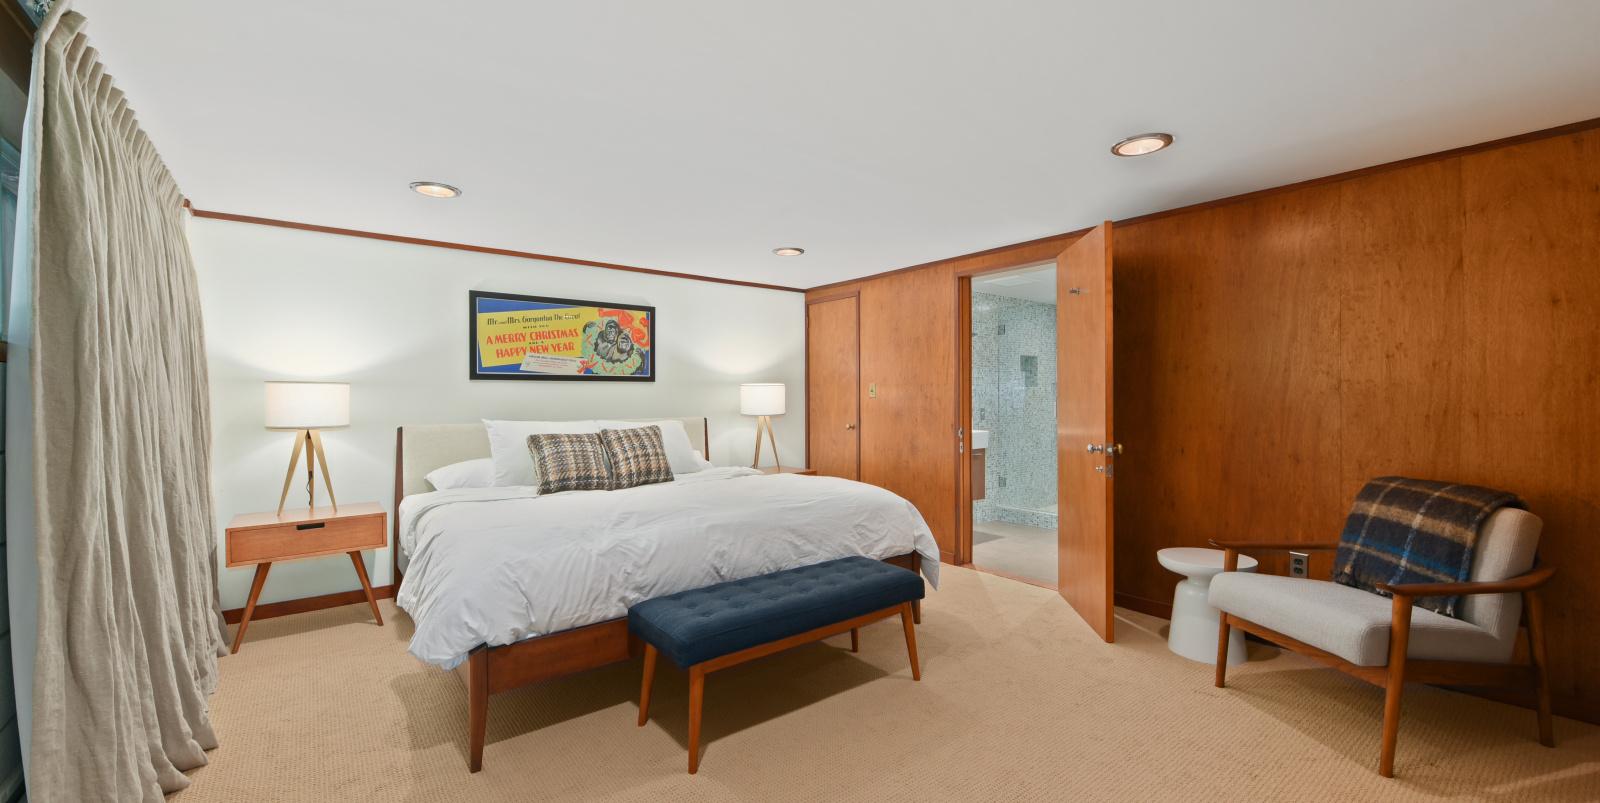 Otro dormitorio / Ginnel Real Estate